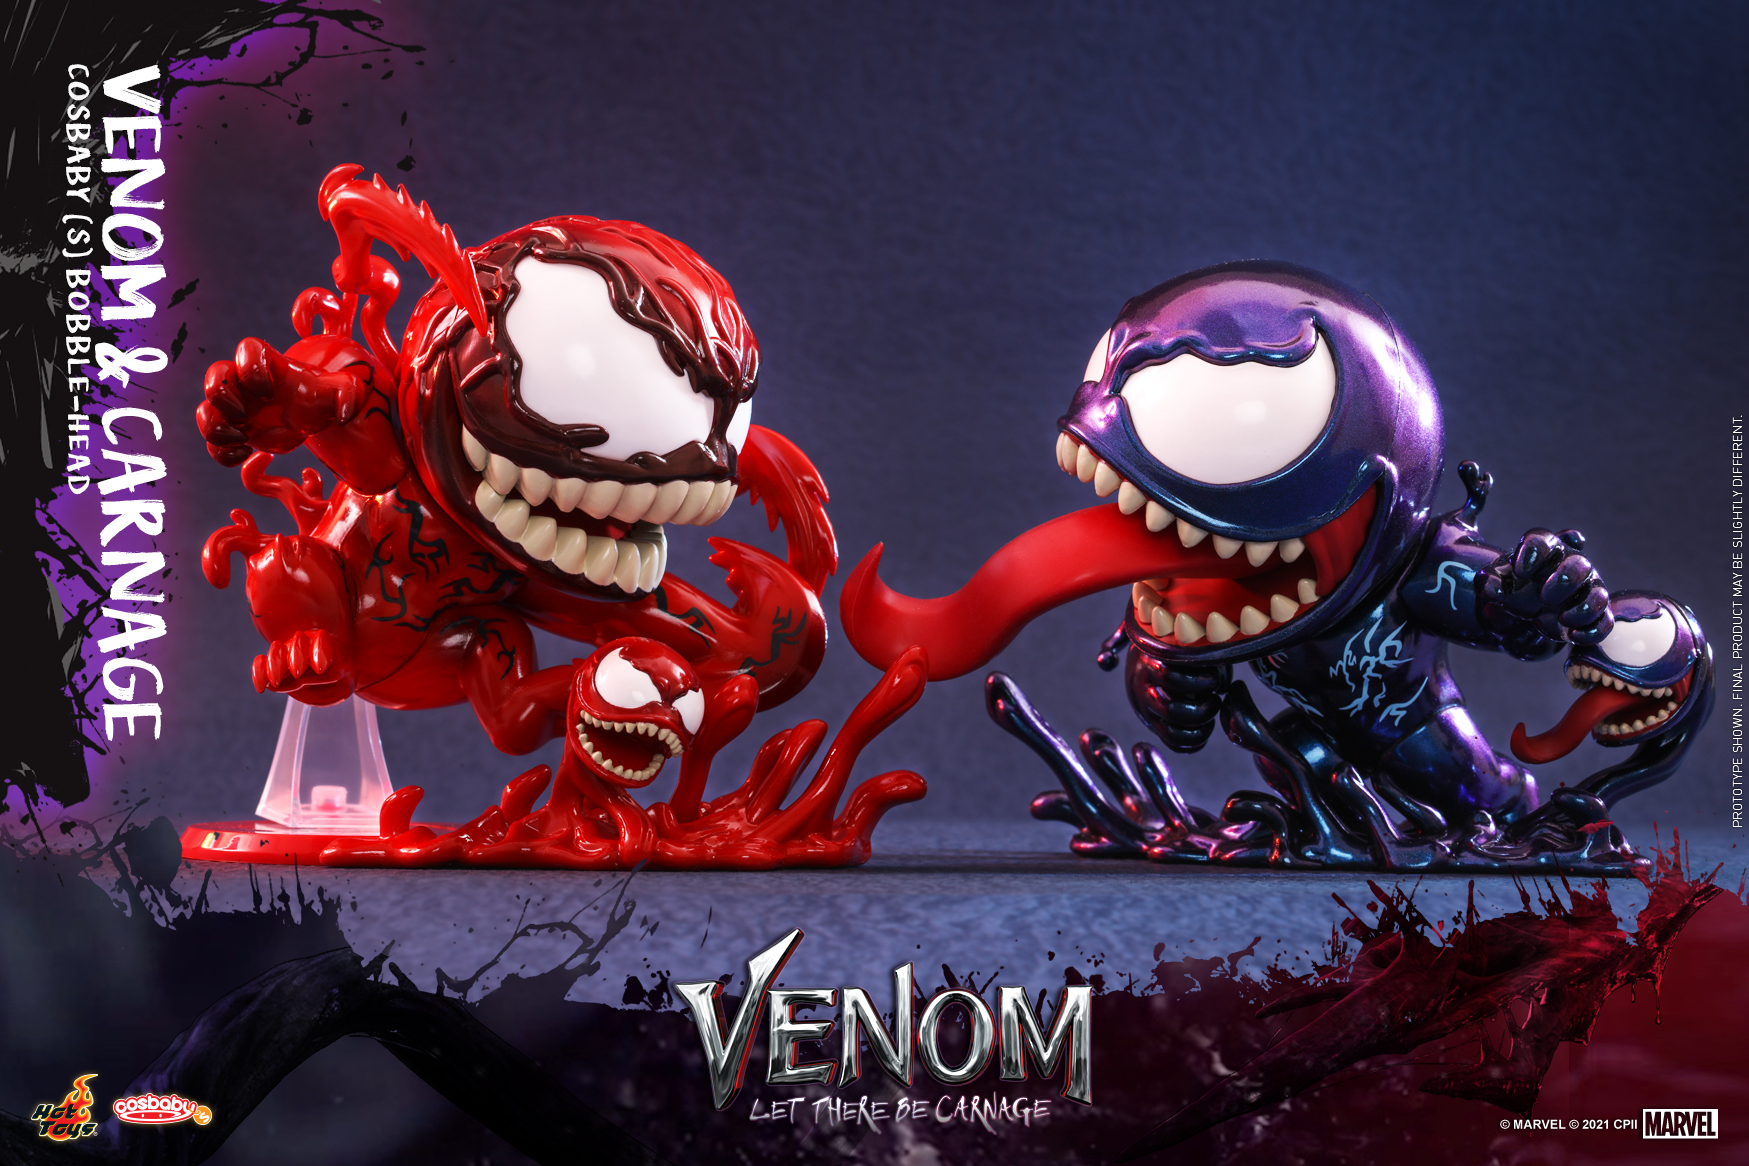 Hot Toys - Venom 2 - Venom & Carnage Cosbaby Set_PR1